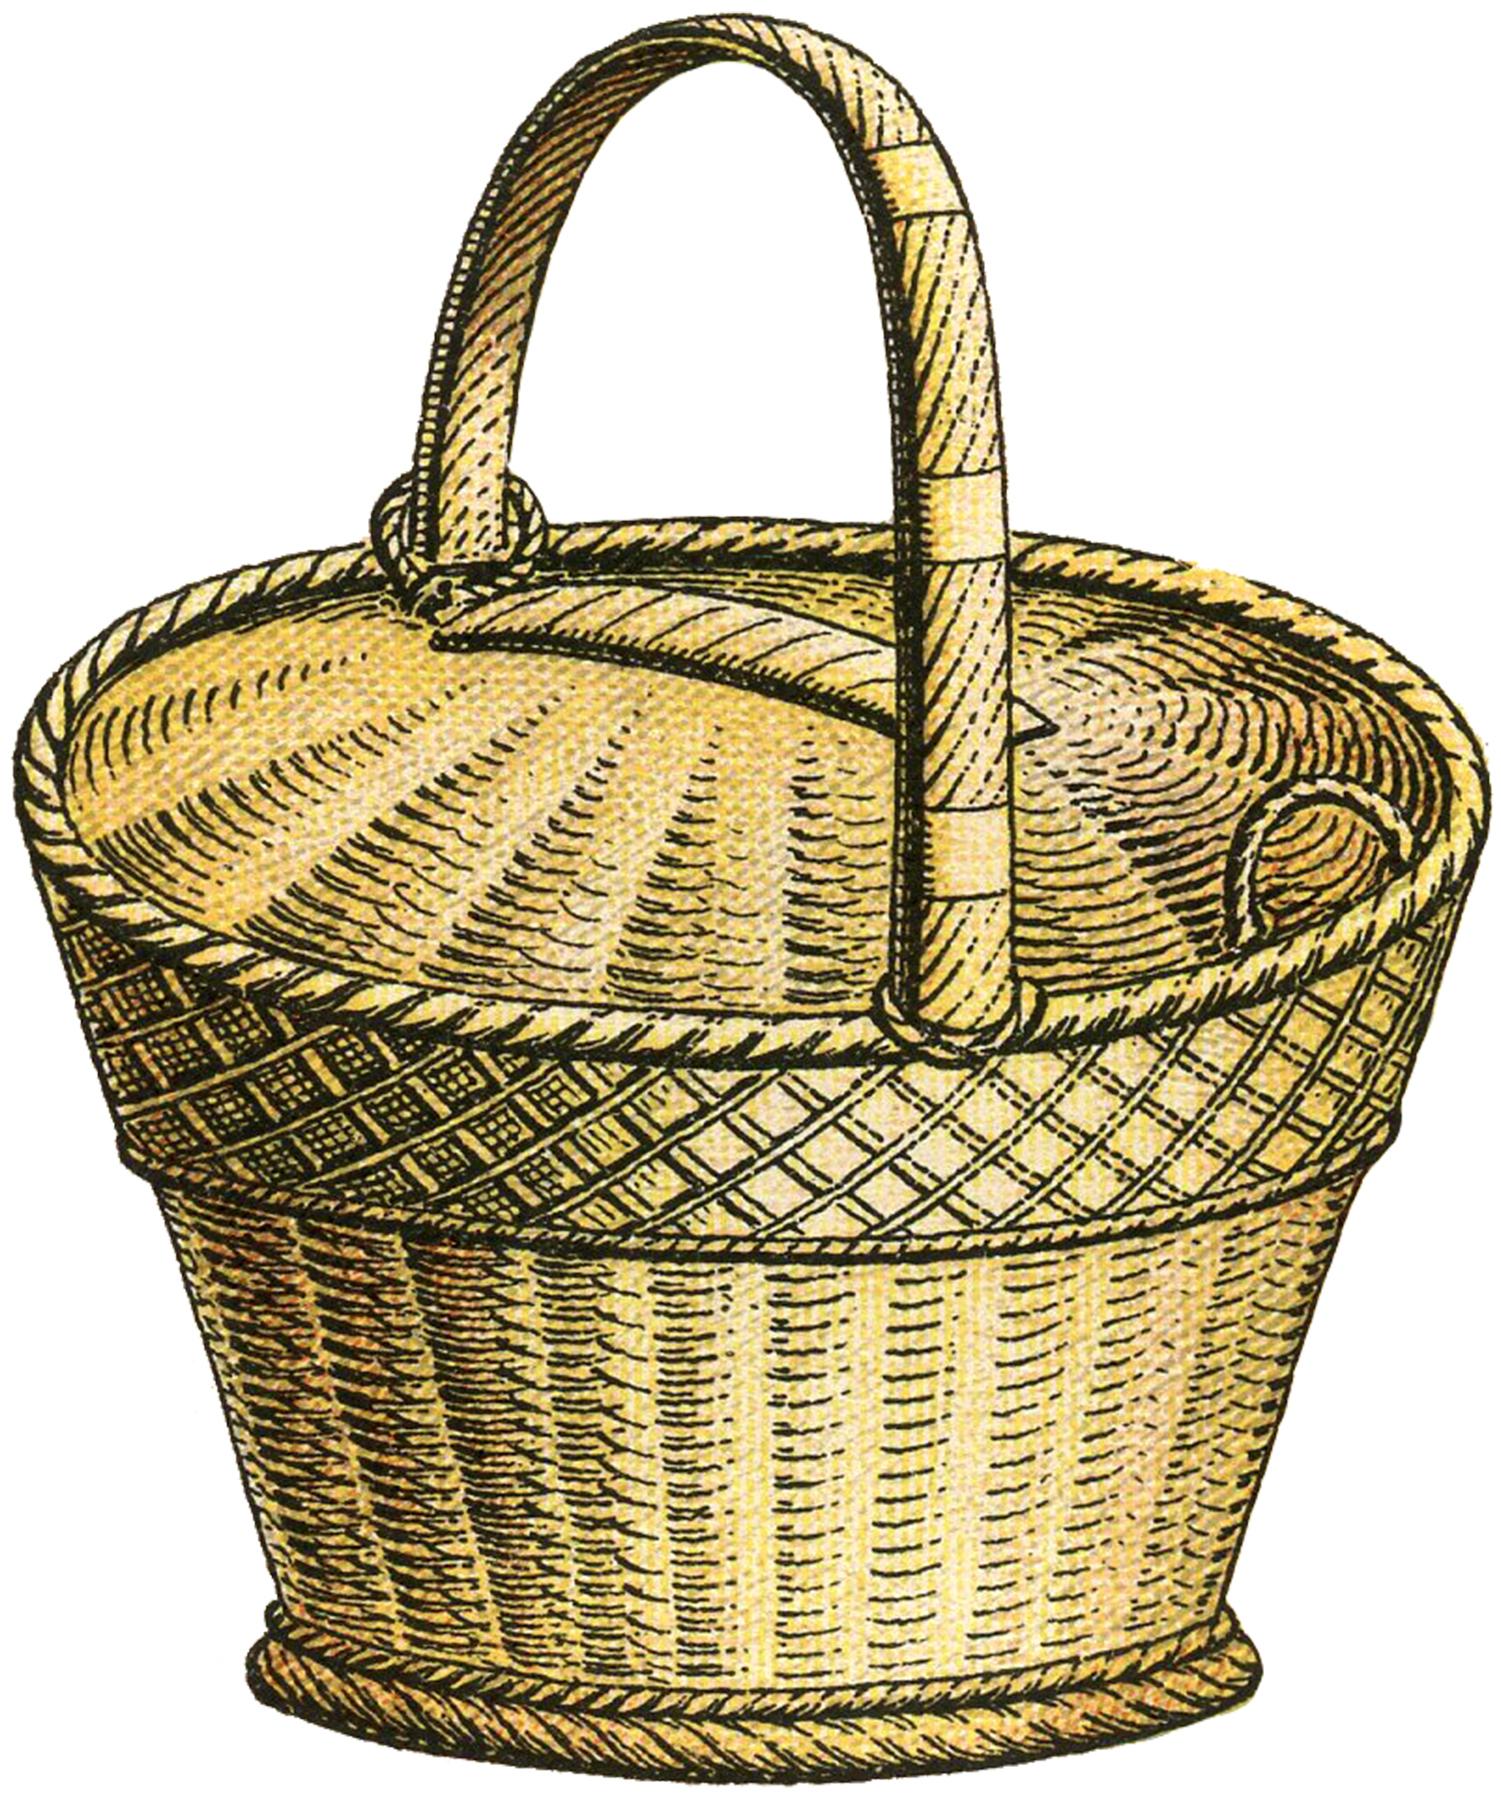 Wicker basket clipart.